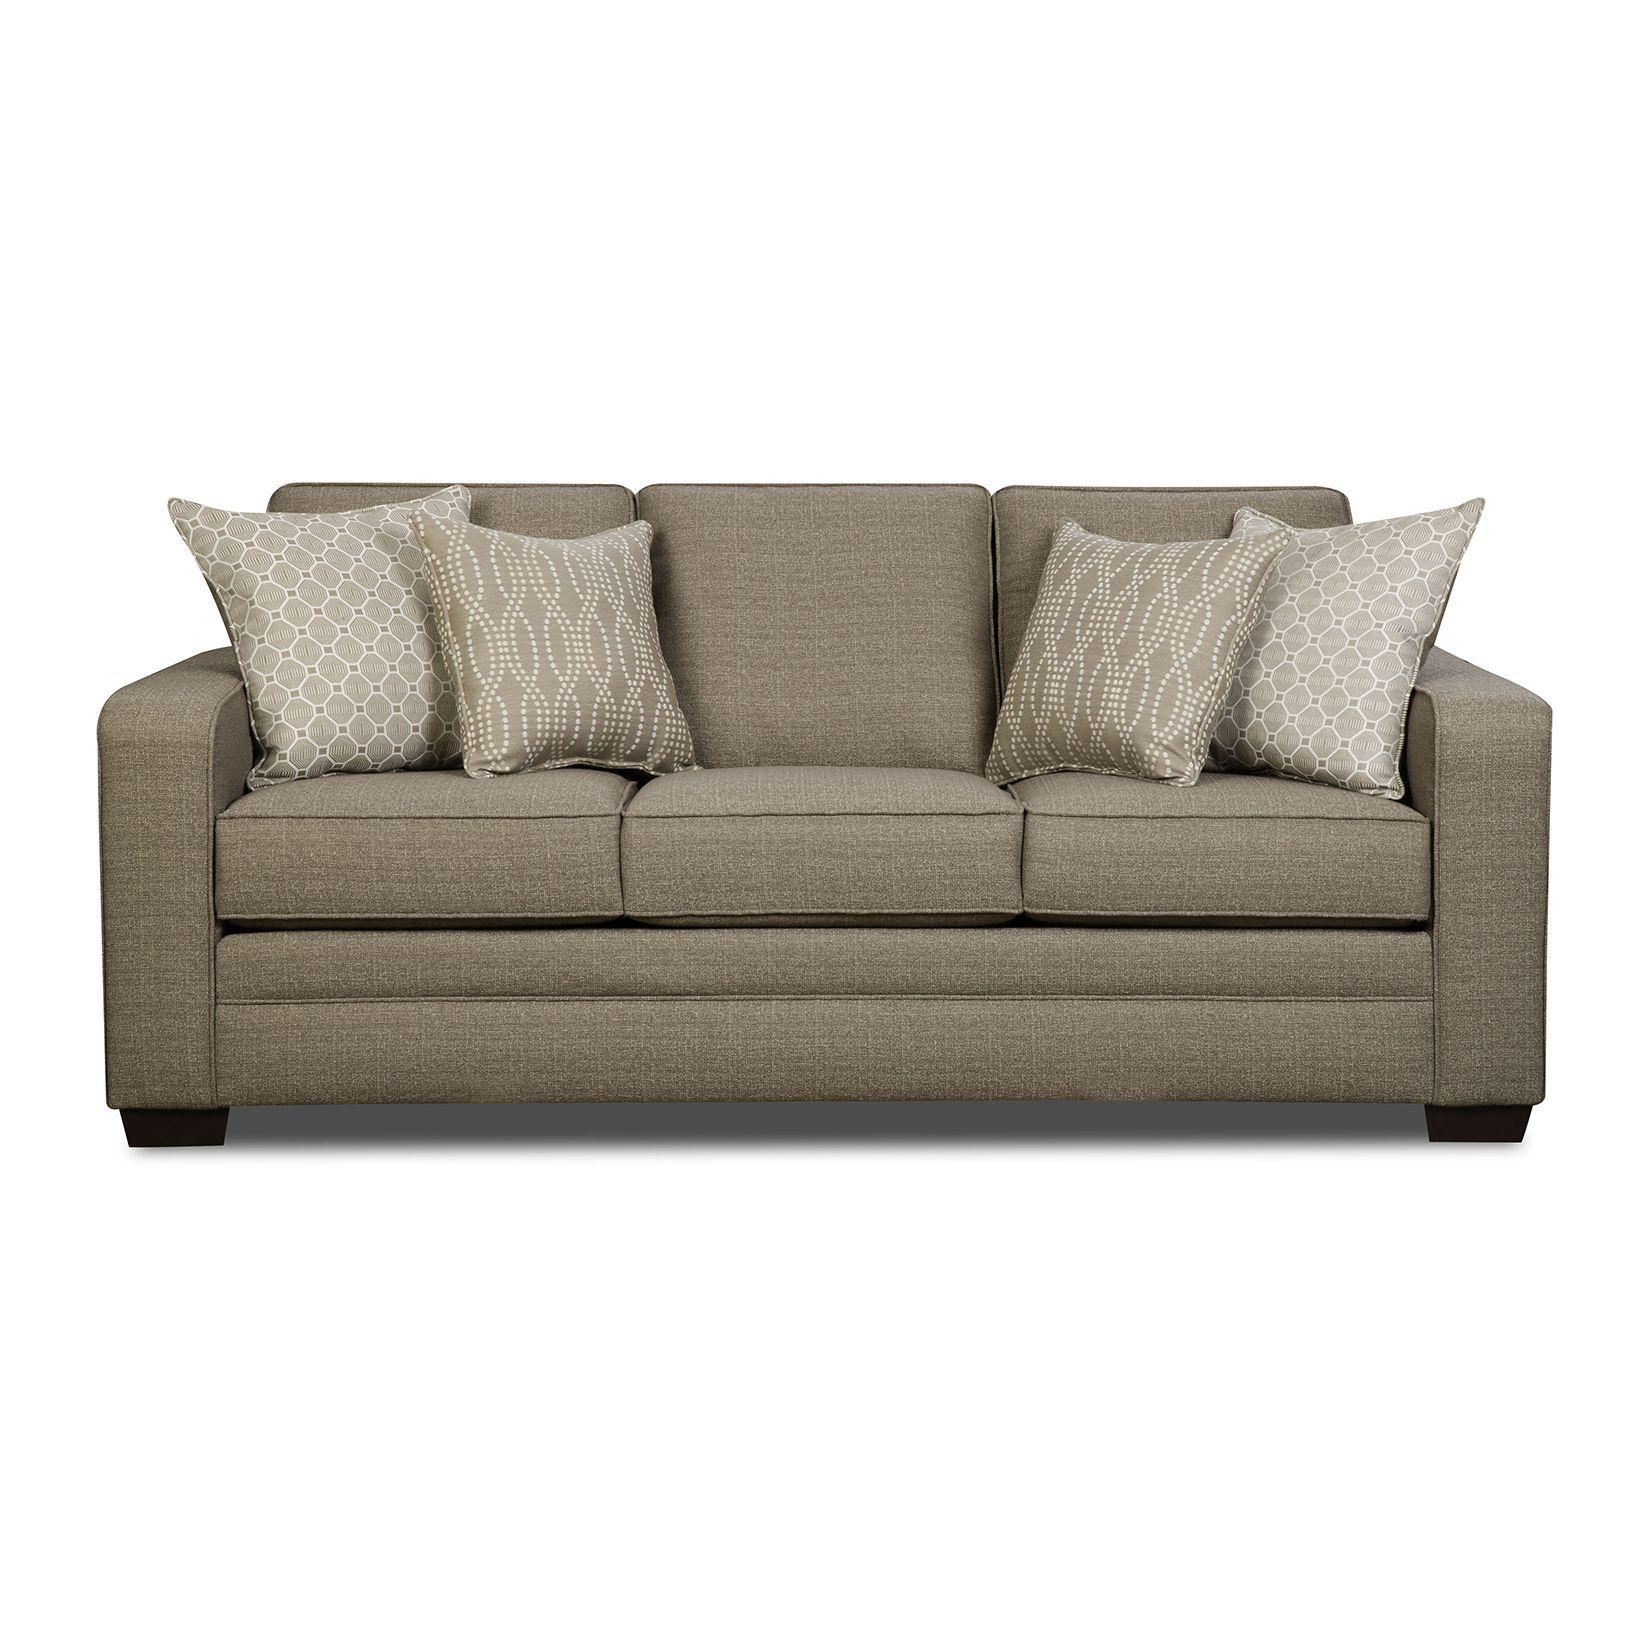 Beige Queen Sleeper Sofa Baci Living Room